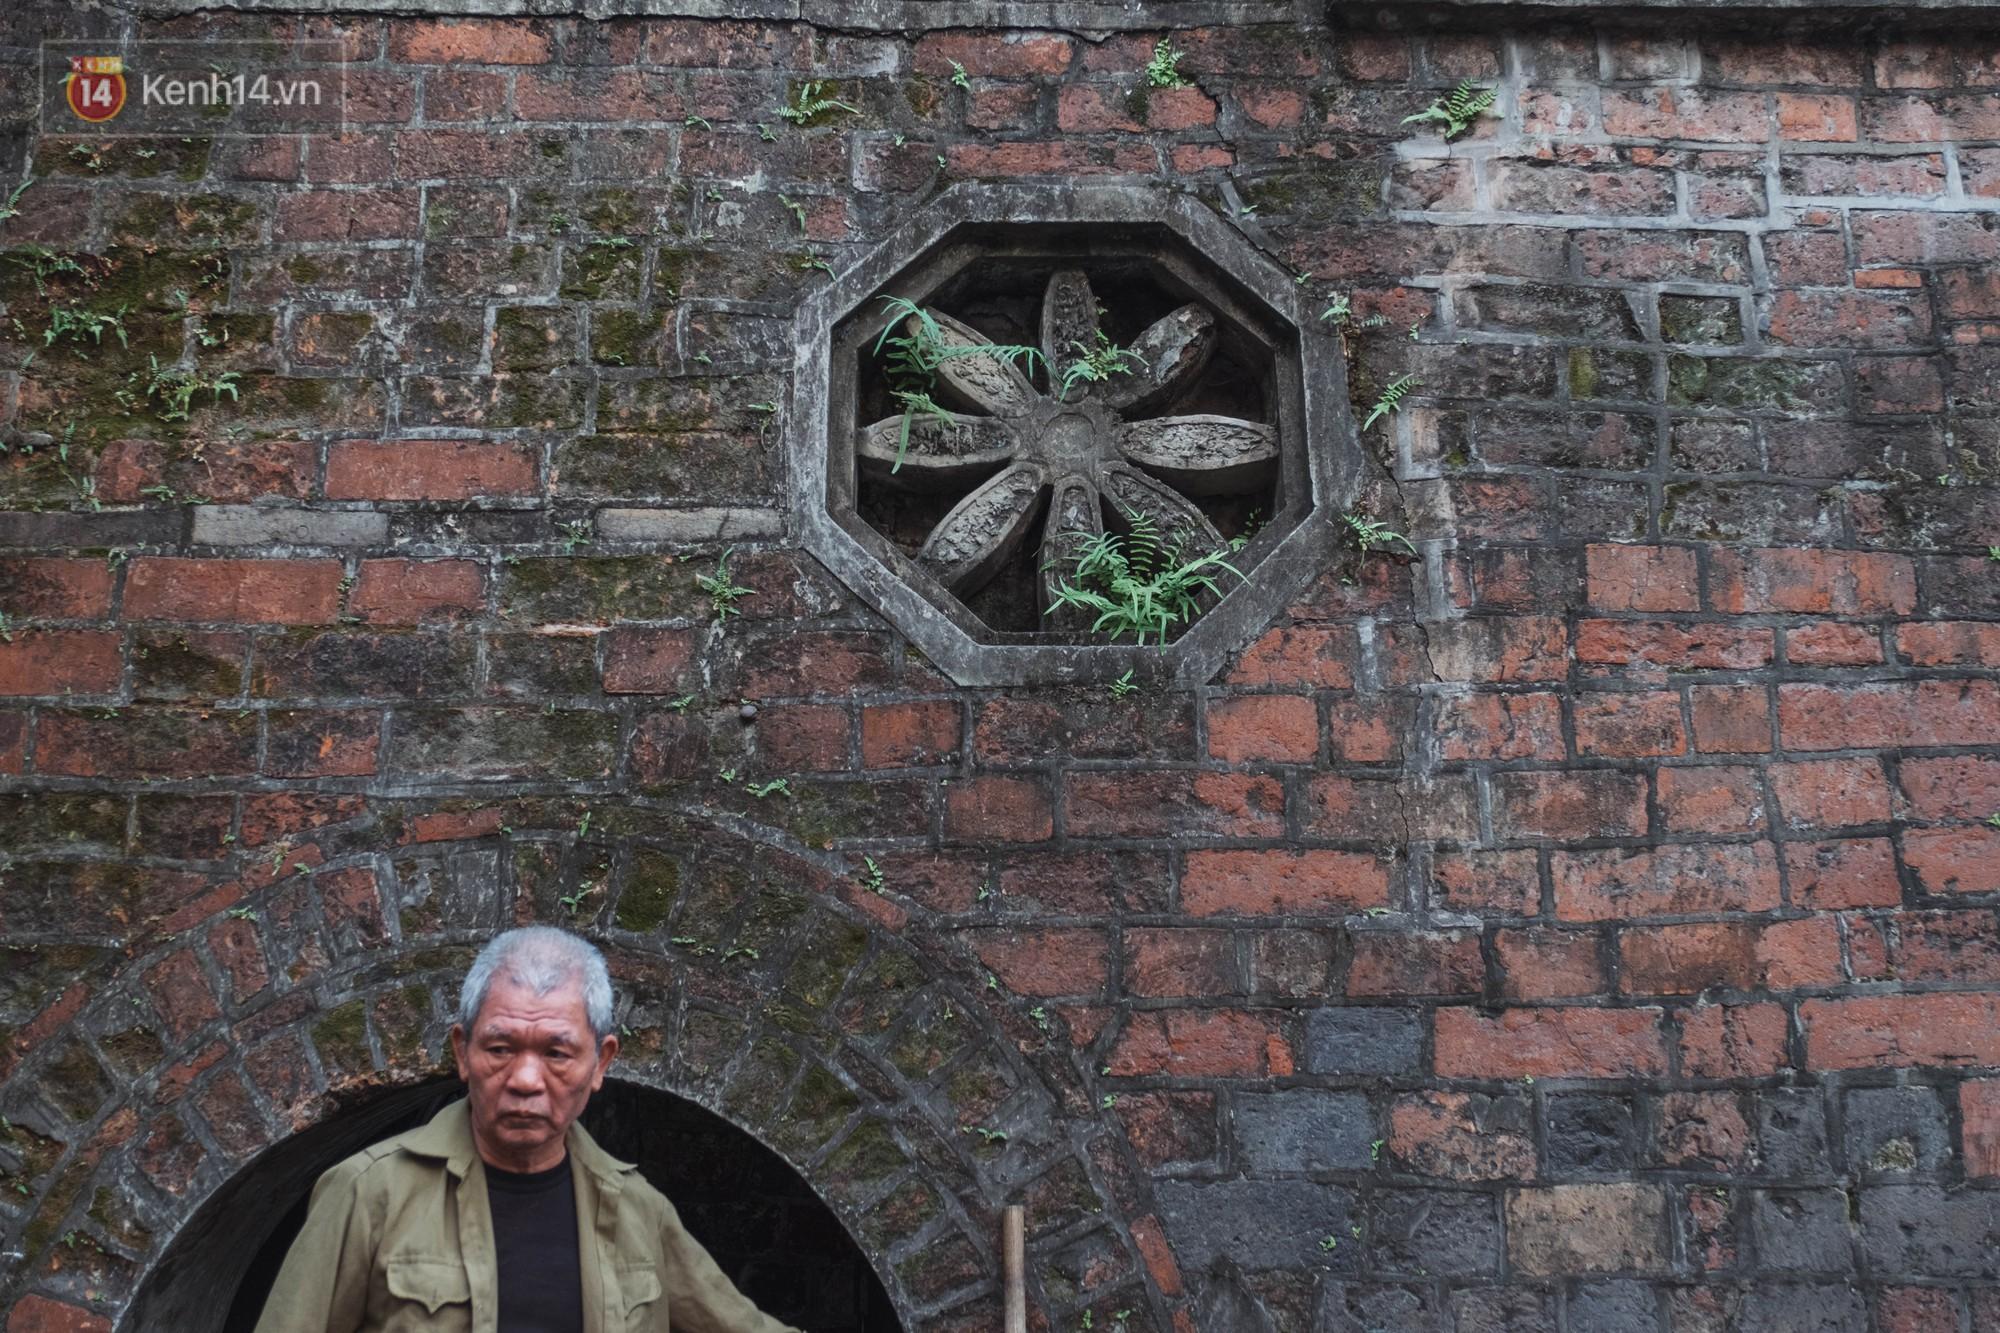 Chuyện người đàn ông ở Hà Nội 20 năm canh giữ cửa ô duy nhất còn lại của kinh thành Thăng Long xưa 8